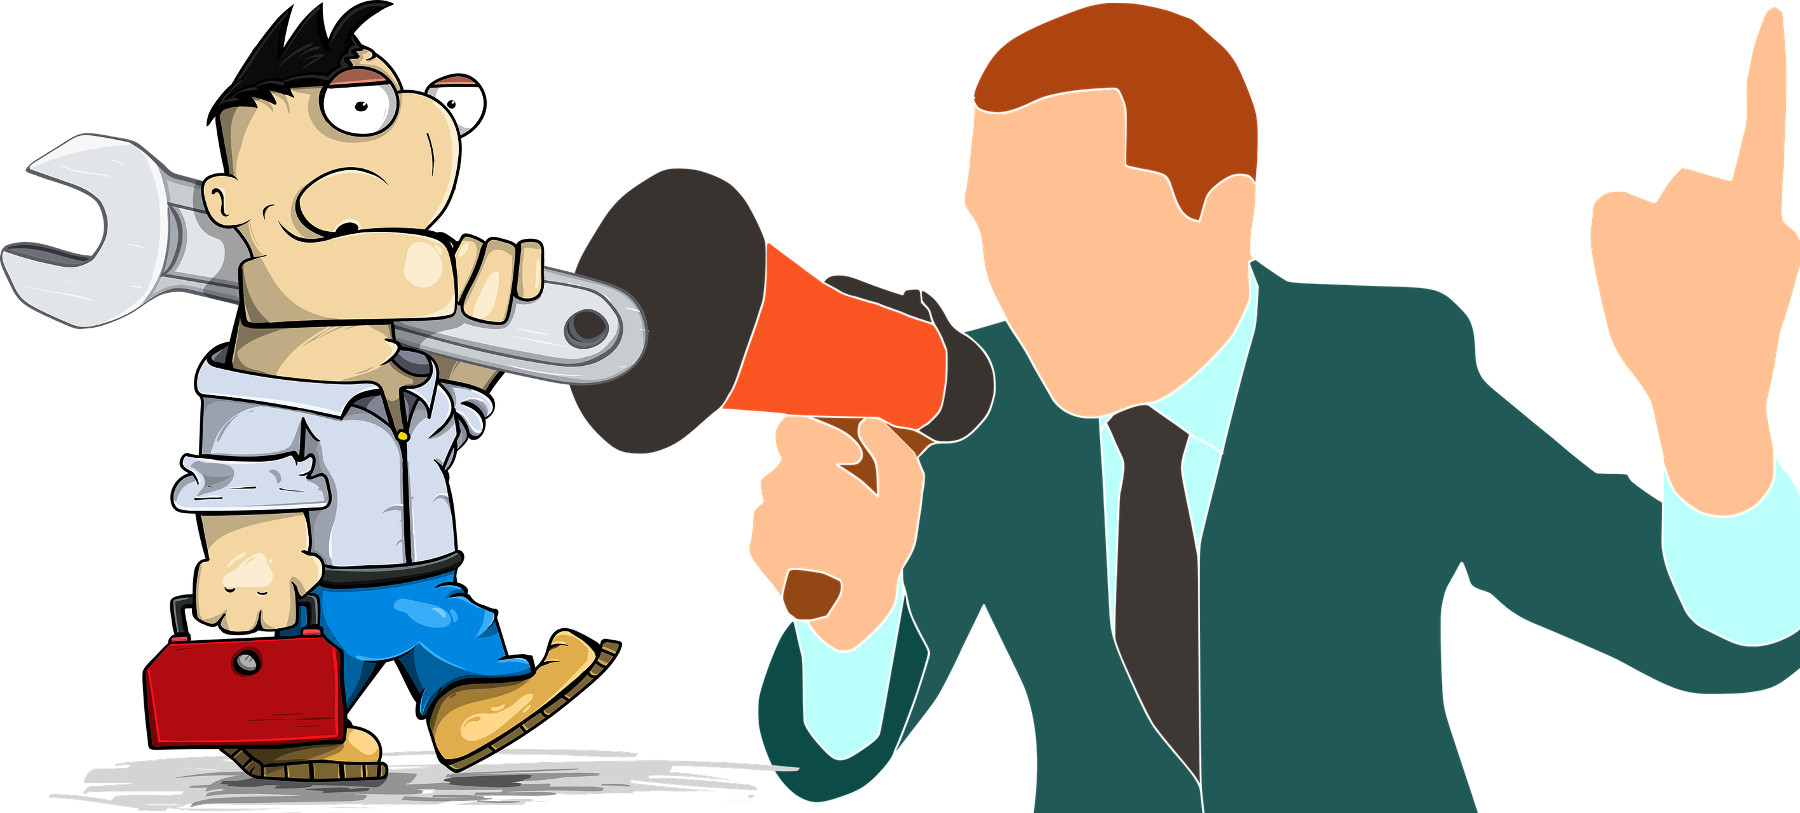 tecnico con cassetta attrezzi e politico con megafono che tiene un discorso